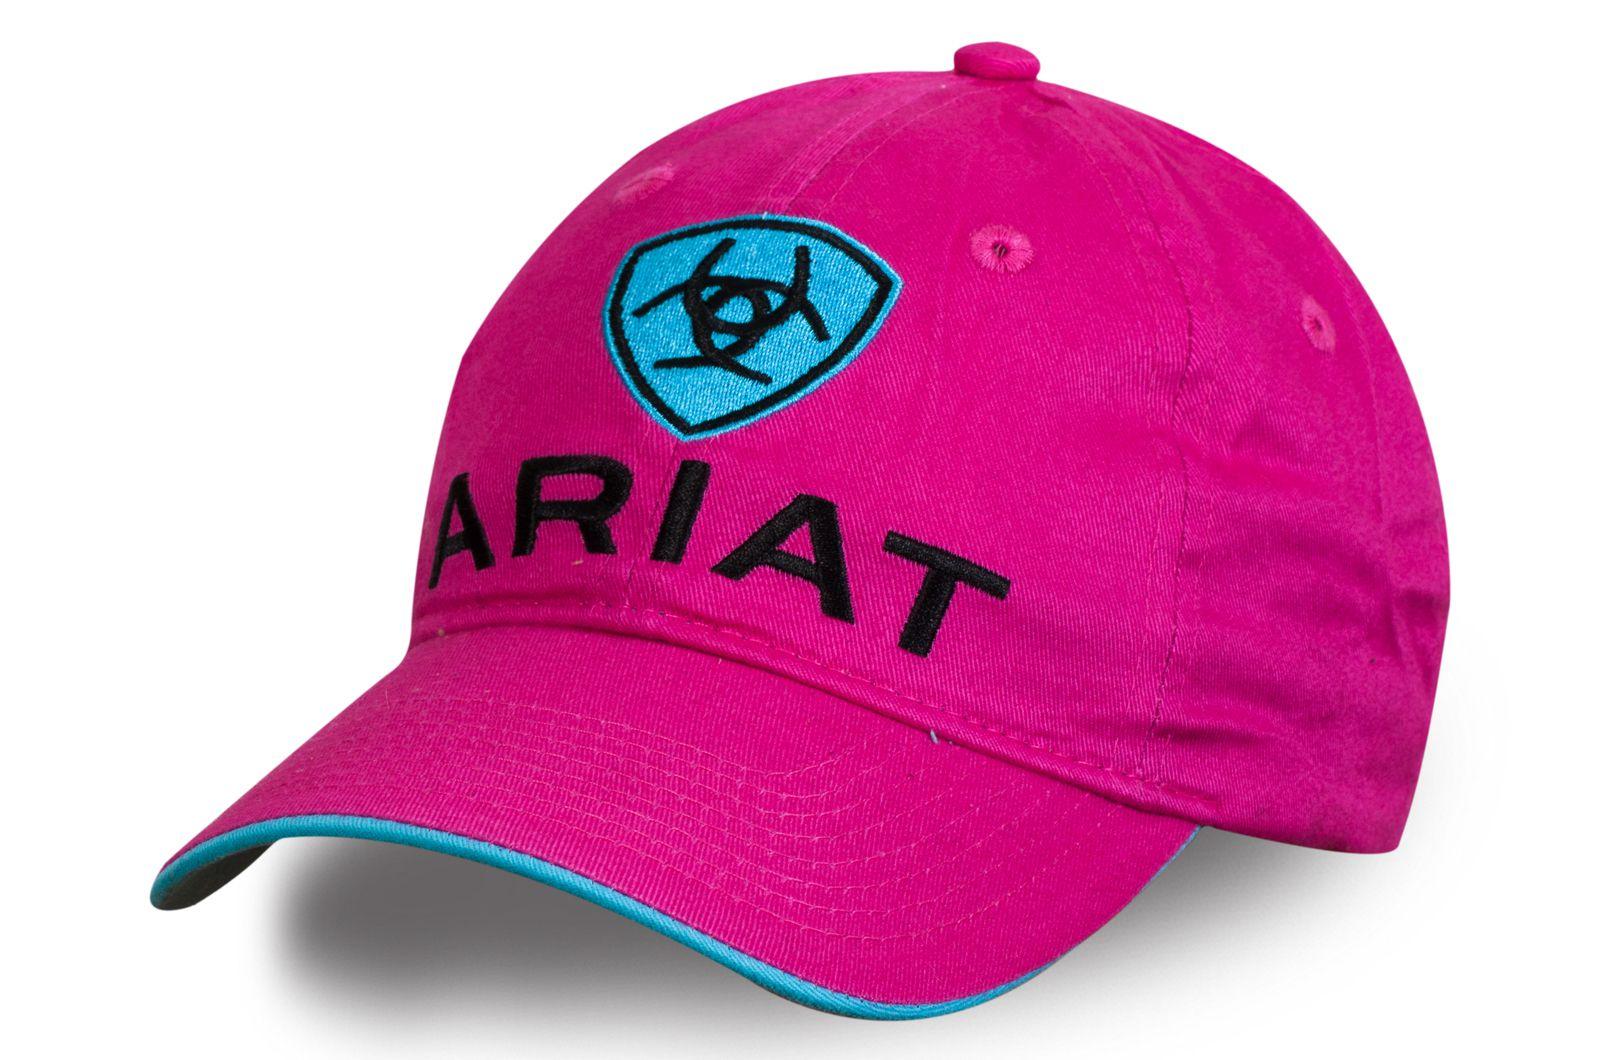 Гламурная брендовая кепка для девушки | Купить женскую бейсболку по лучшей цене